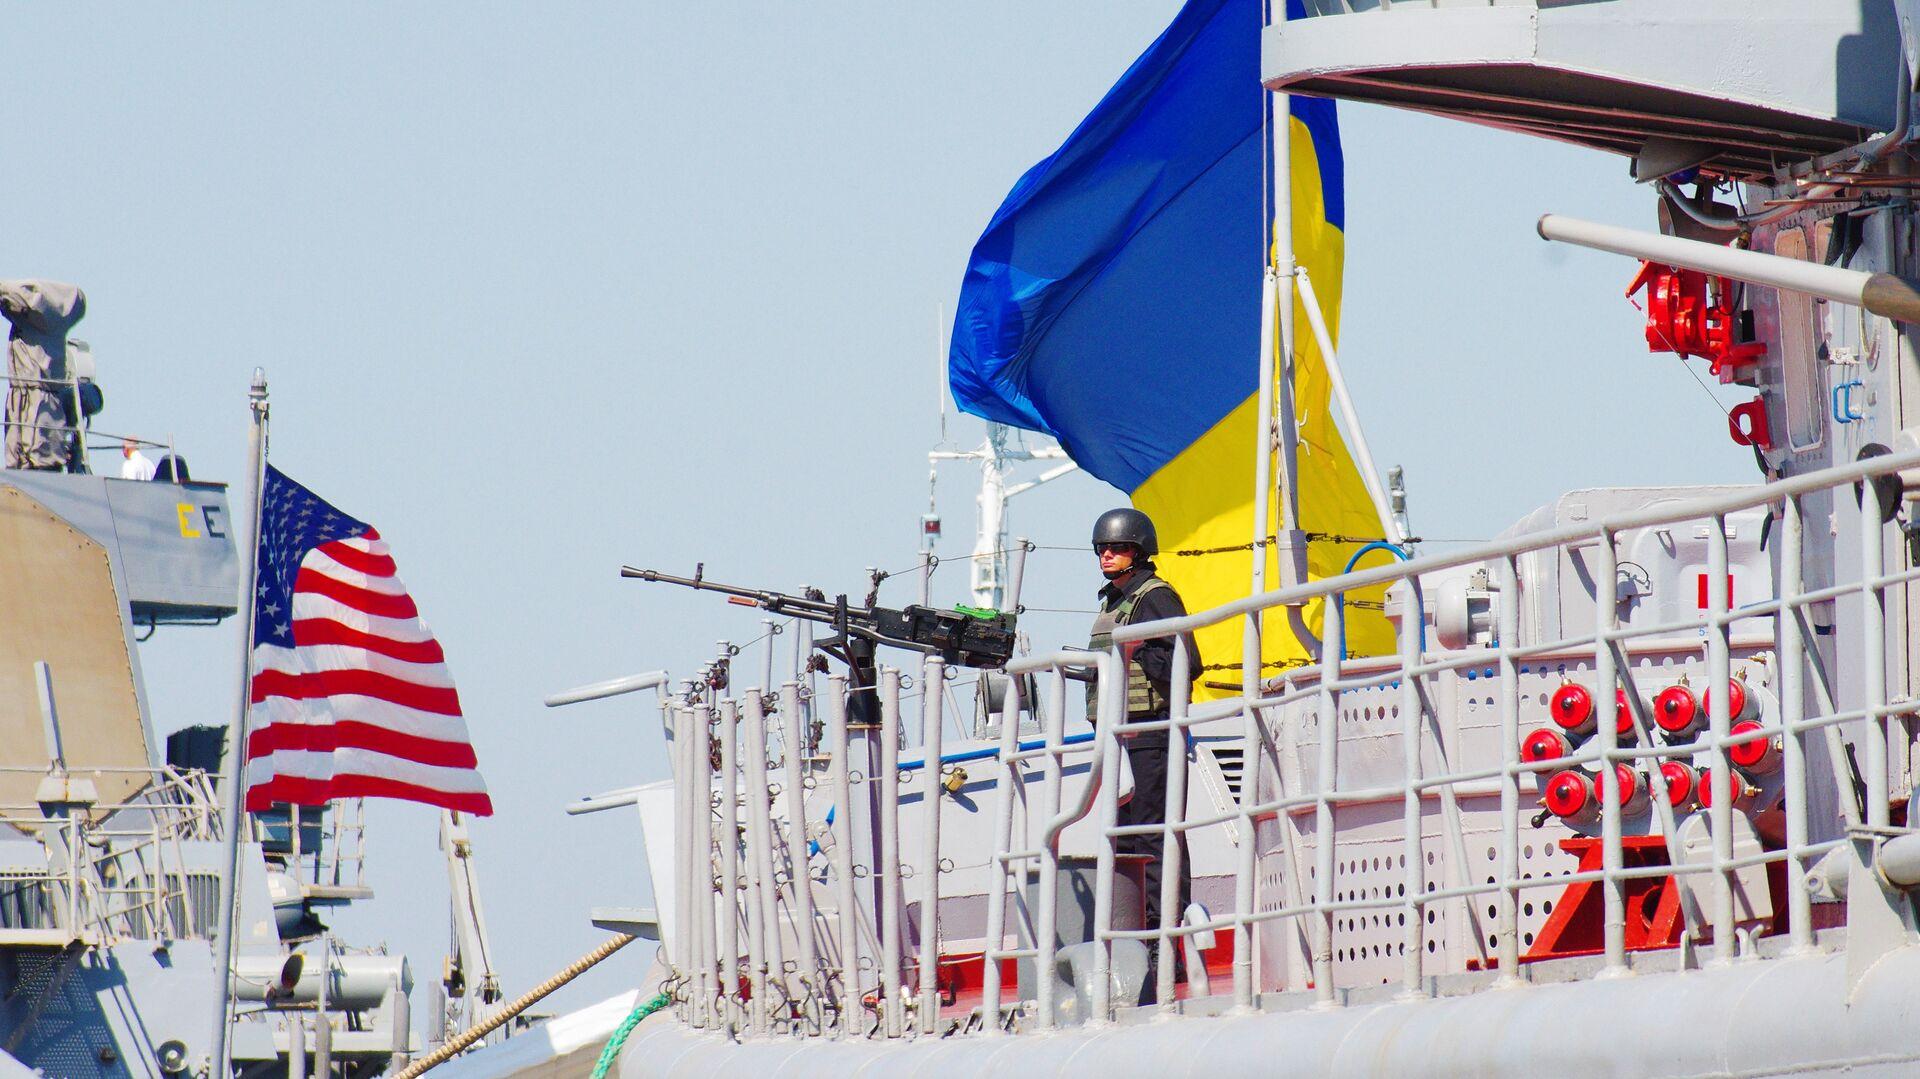 Las maniobras conjuntas entre Ucrania y EEUU, Sea Breeze 2015 (archivo) - Sputnik Mundo, 1920, 22.06.2021